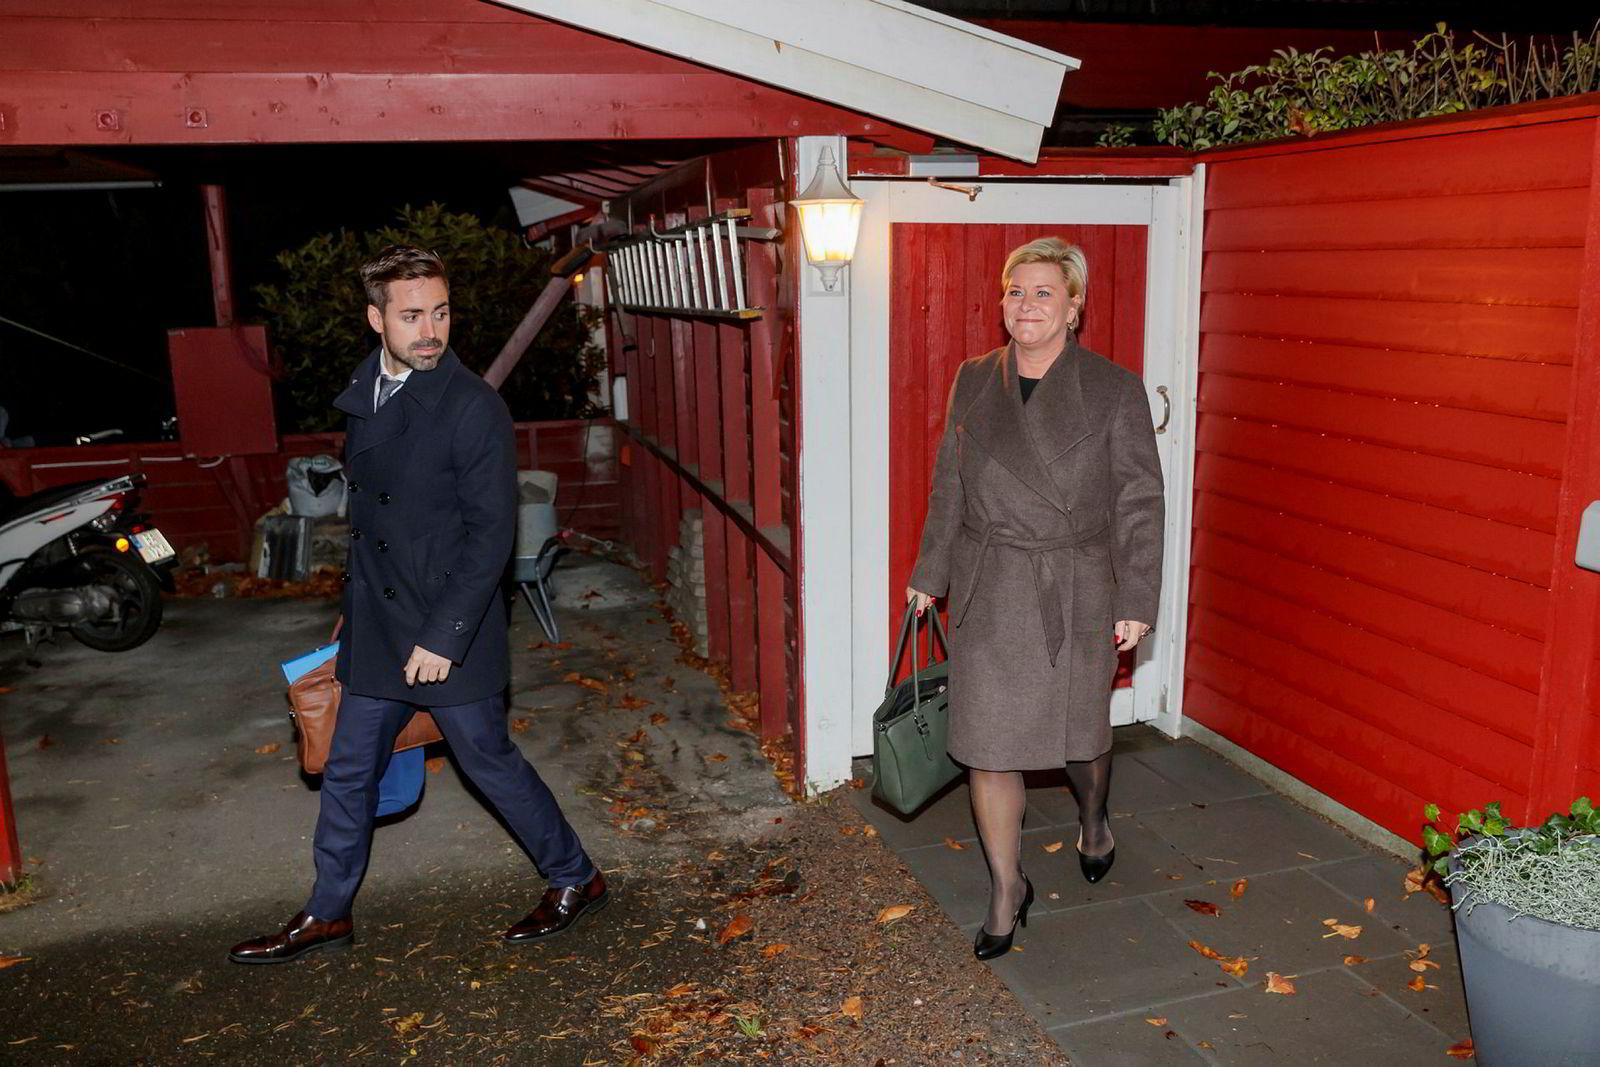 Finansminister Siv Jensen møtte pressen utenfor sin bolig mandag morgen. Her med statssekretær Petter Kvinge Tvedt (Frp).